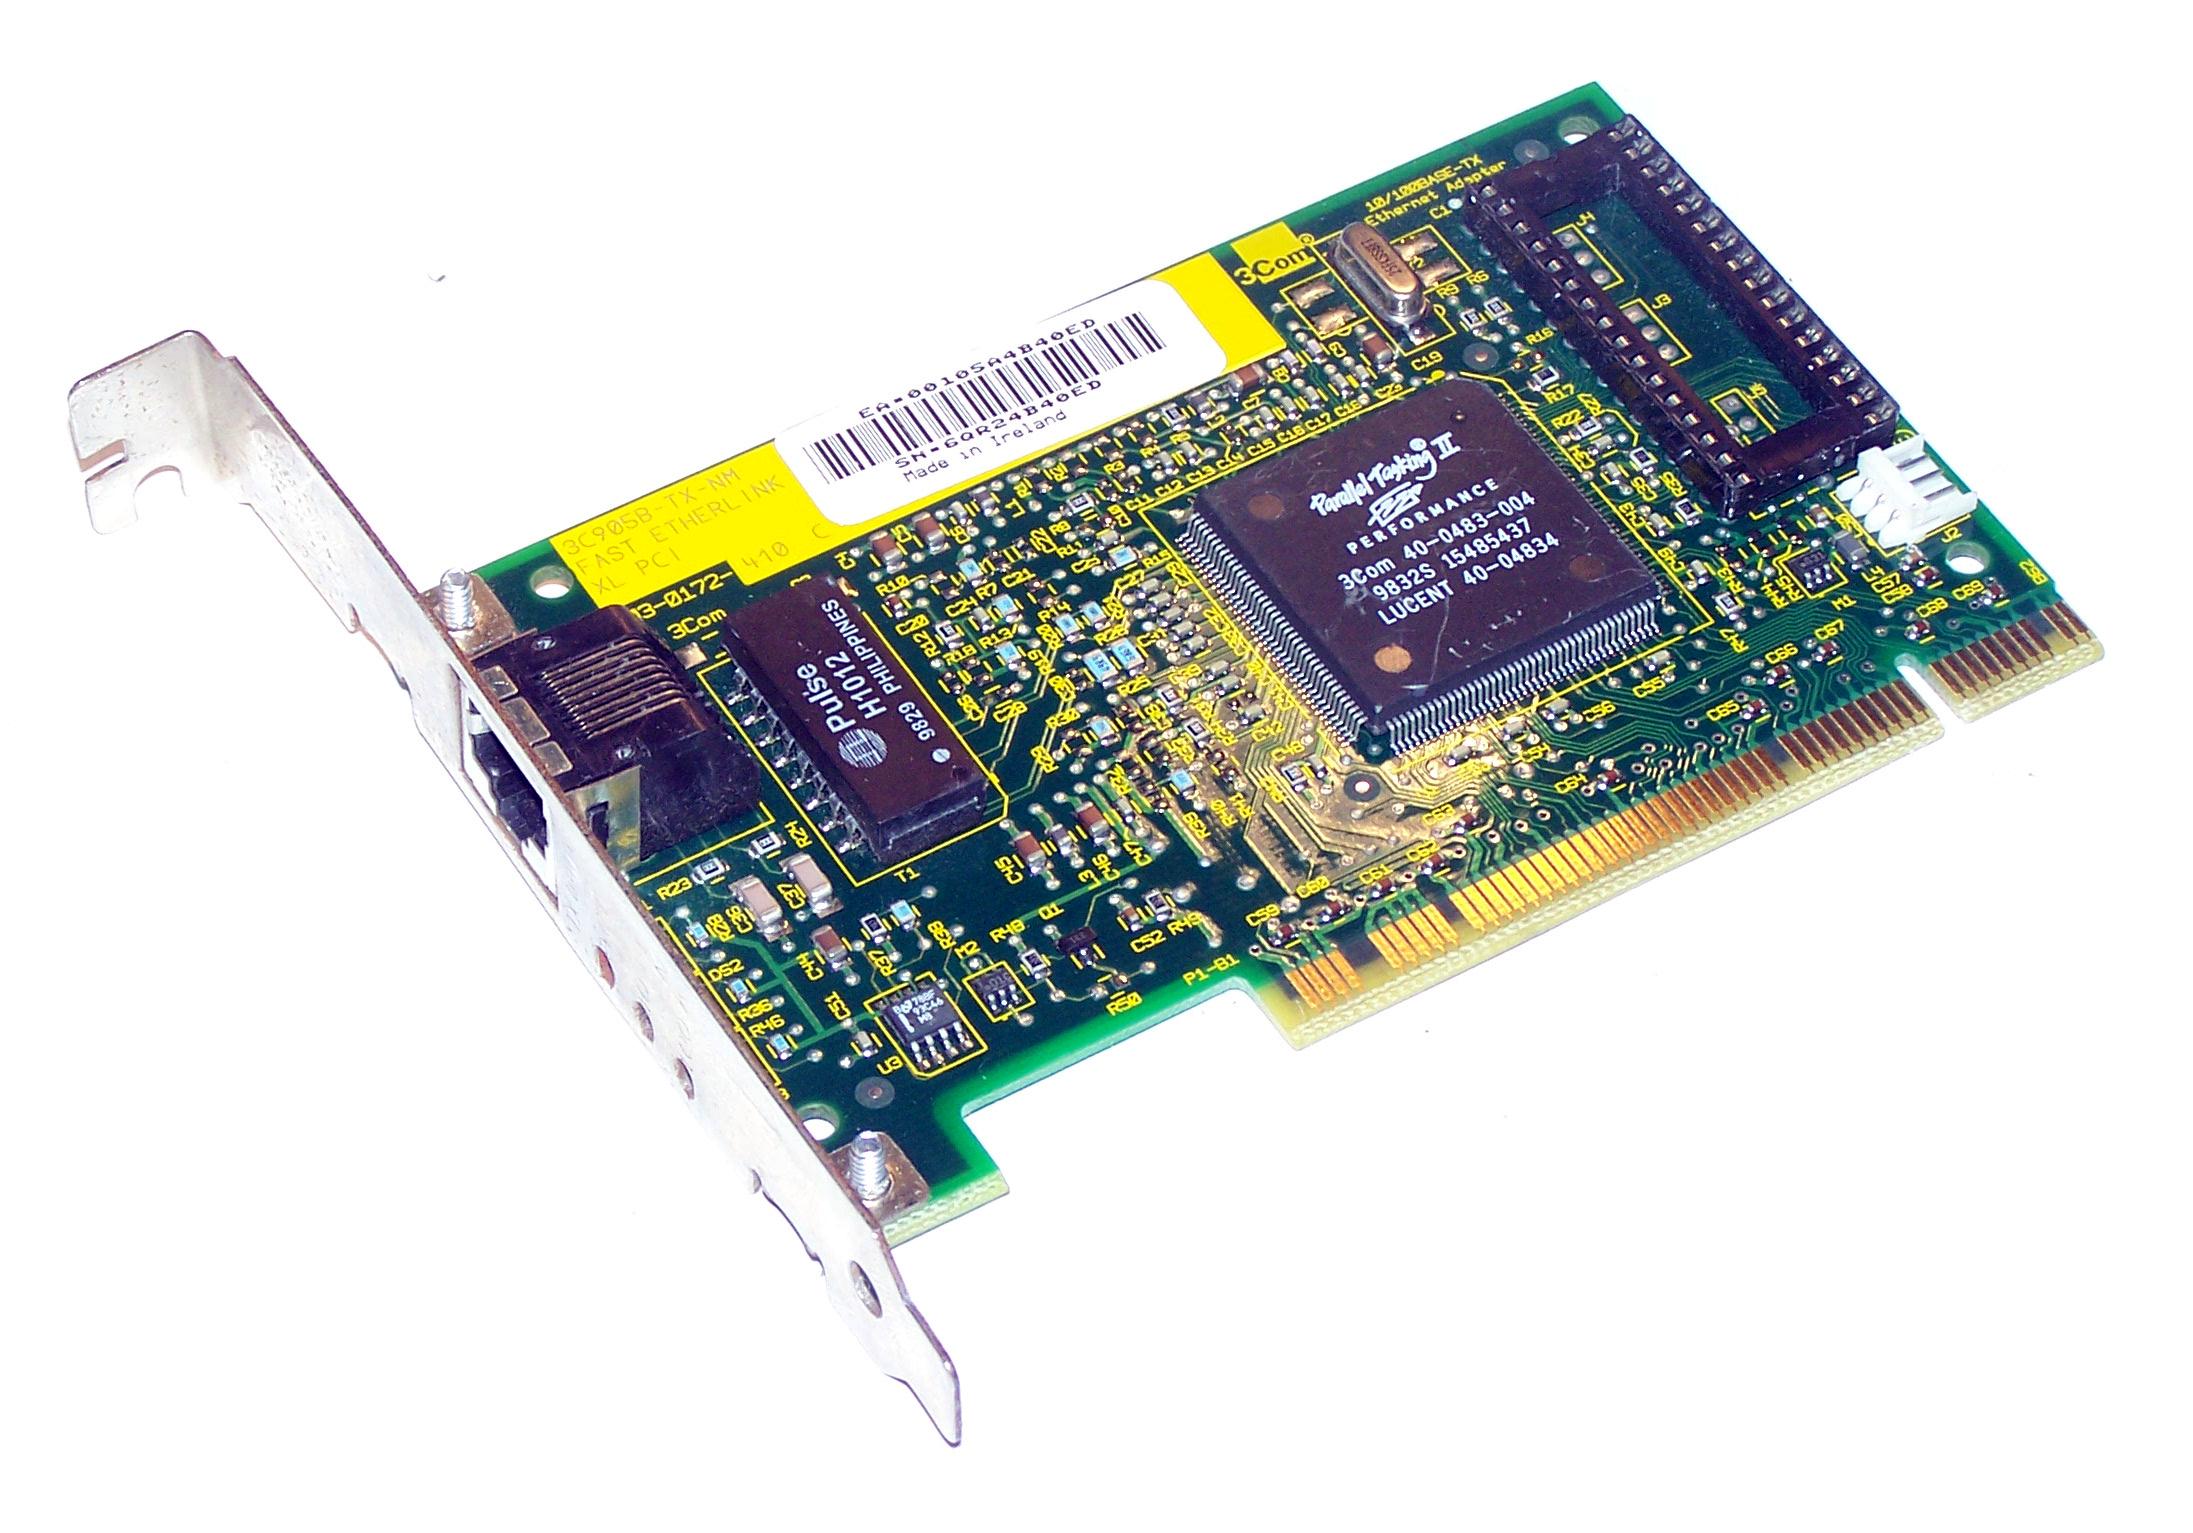 Fast etherlink xl pci 3c905b tx driver windows 7 htlinoa.